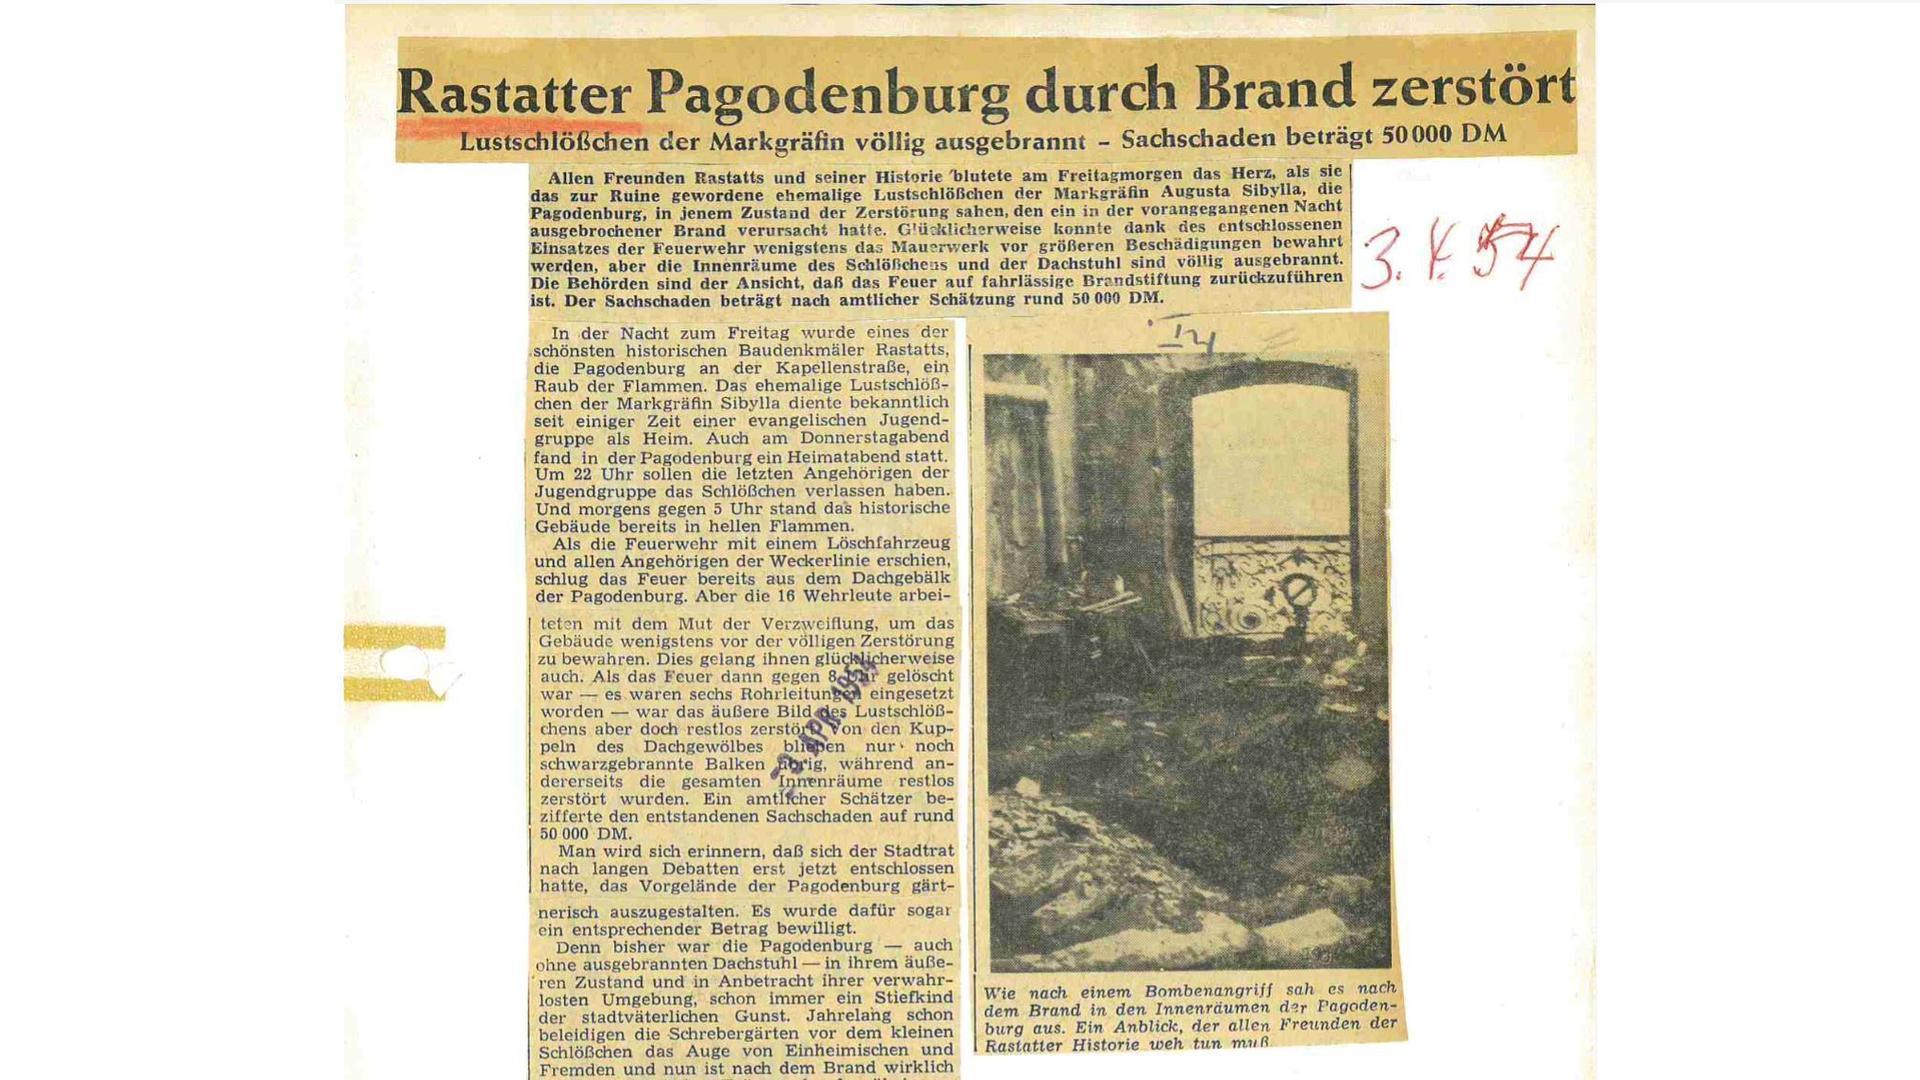 BNN-Artikel vom 03.04.1954